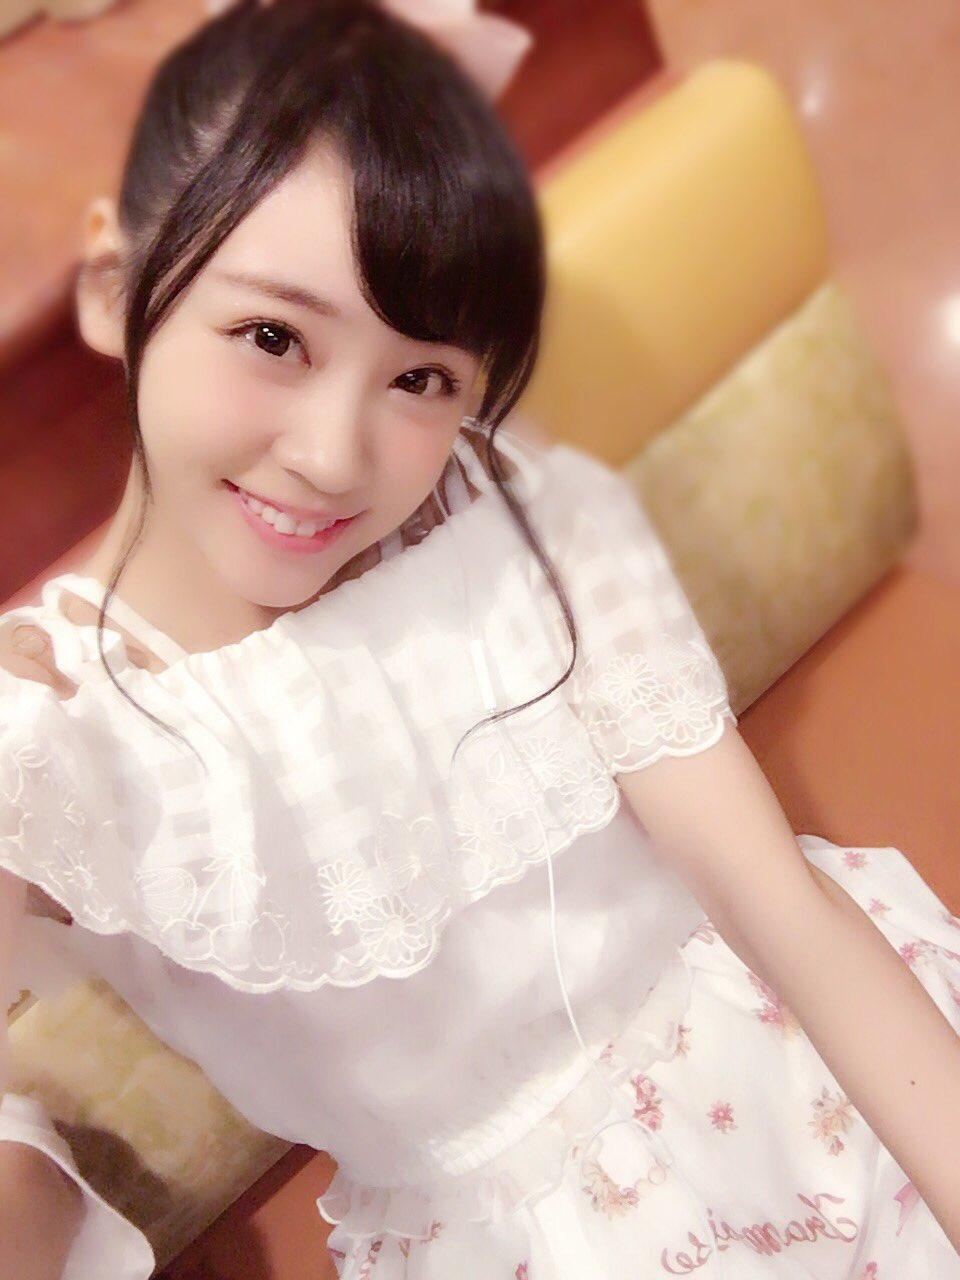 ピンク・ベイビーズの櫻井優衣の自撮り画像